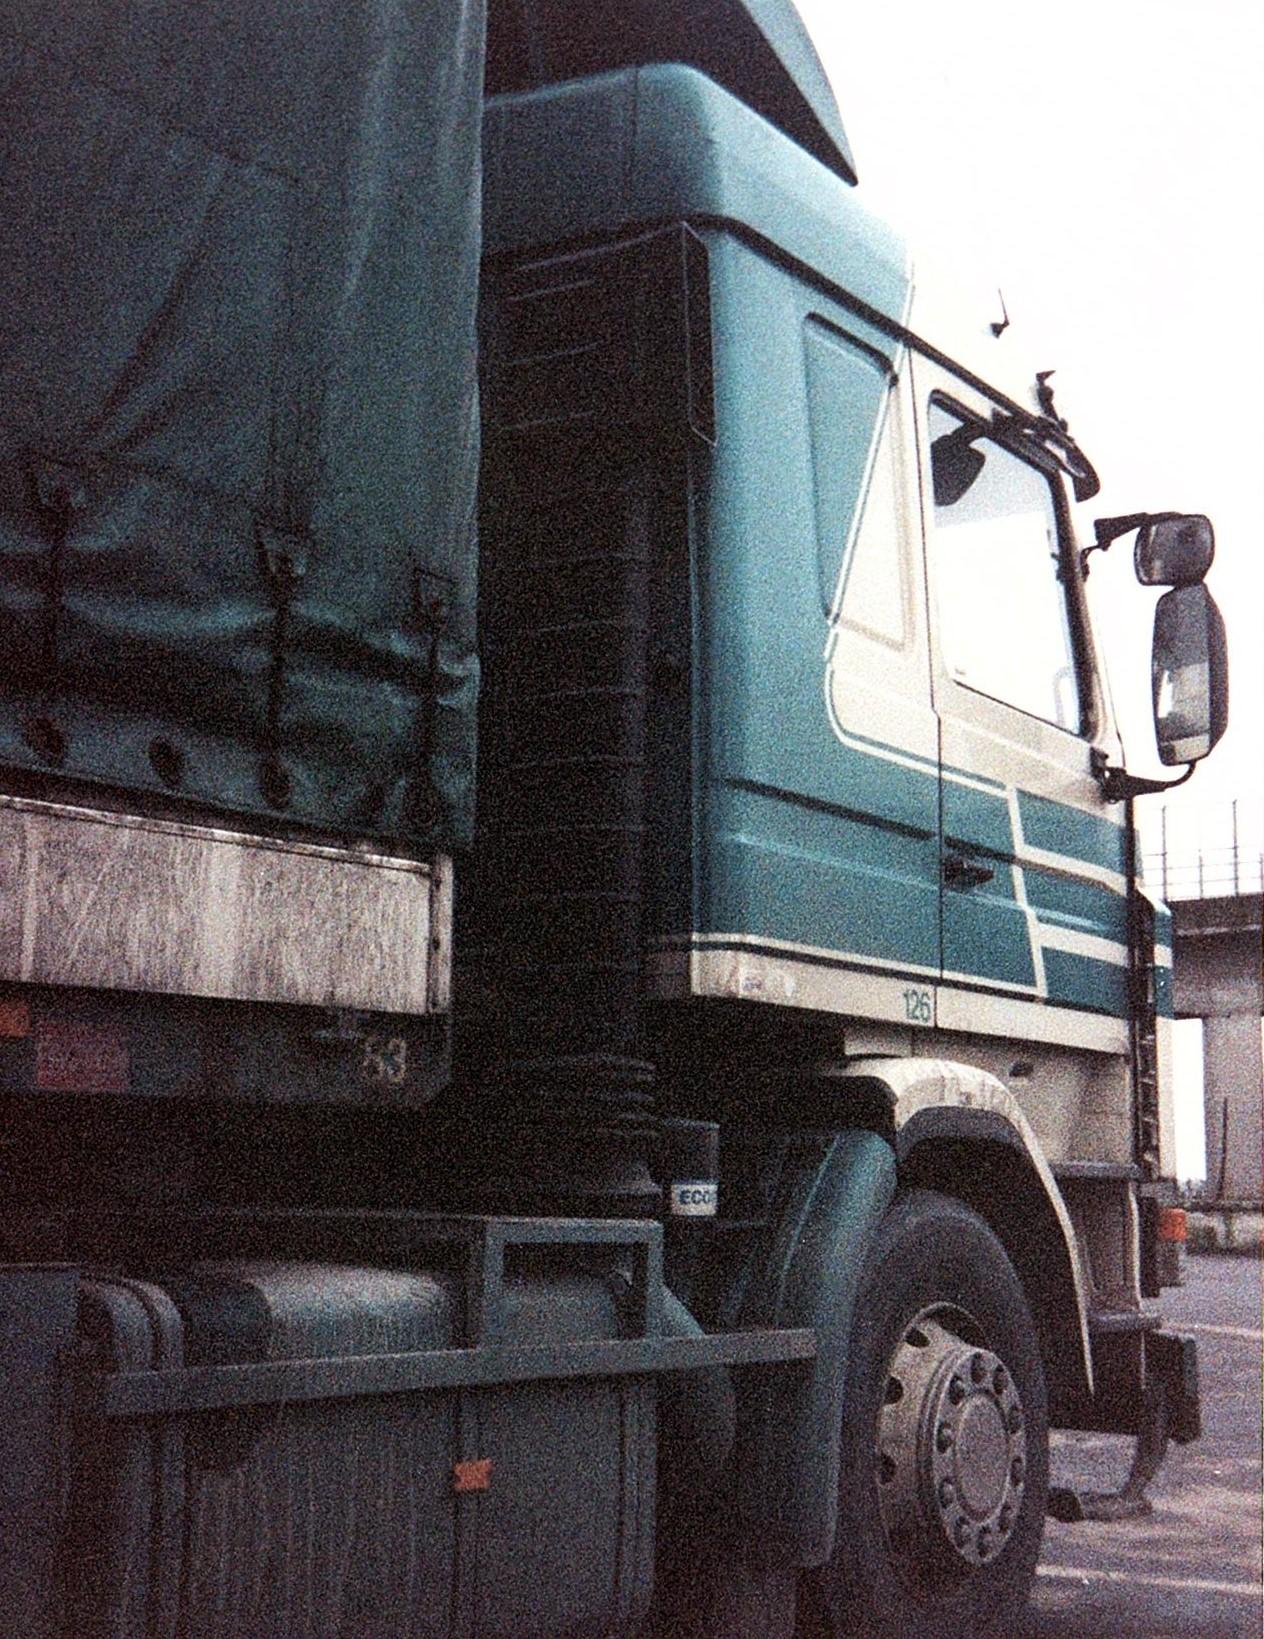 Bert-met-de-Scania-vakantie-vieren-in-Italie-34